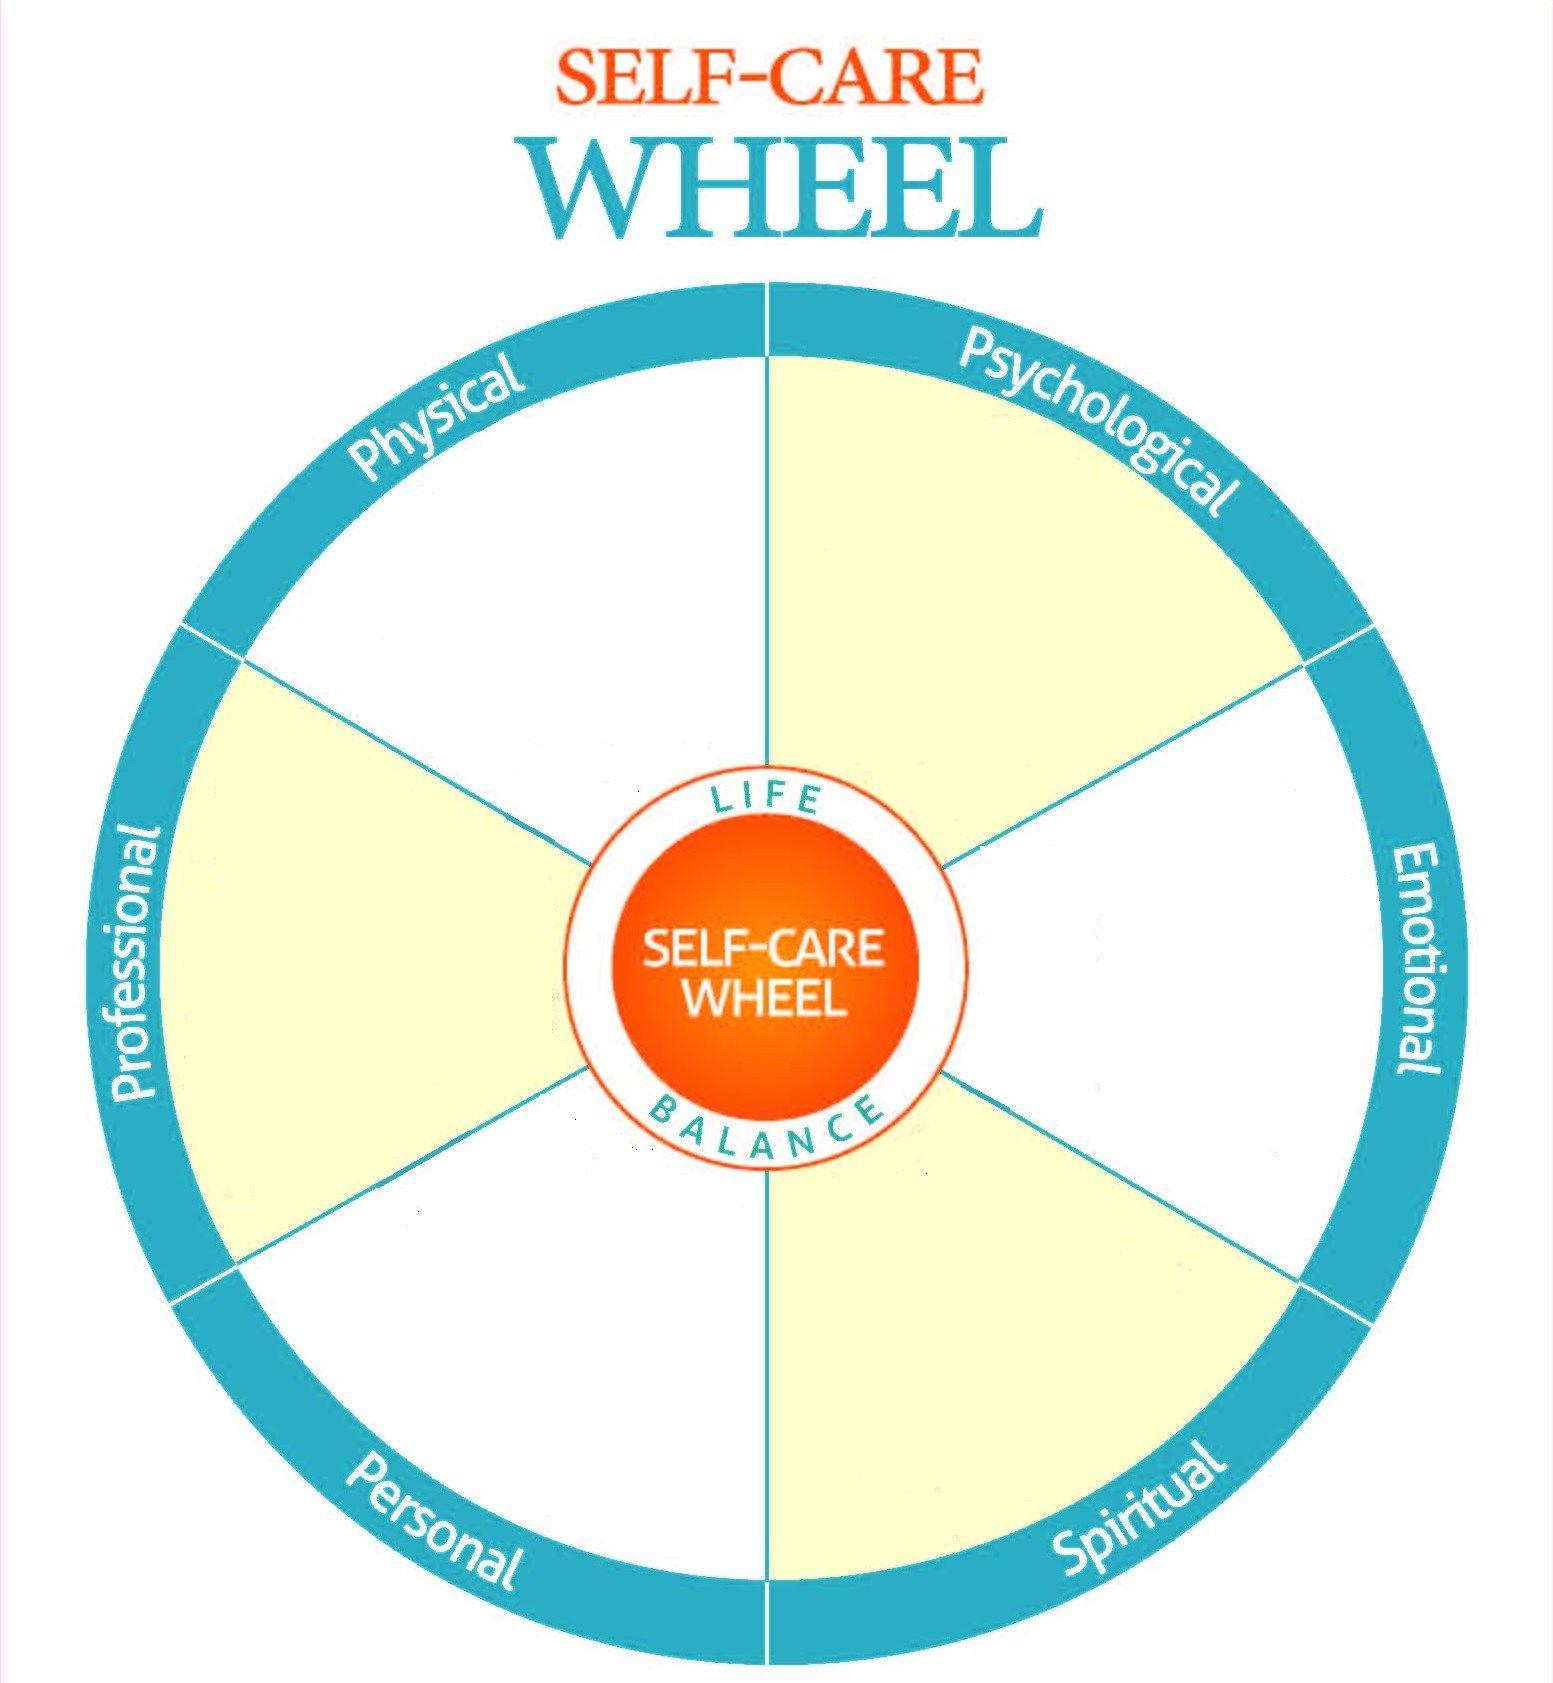 Self Care Wheel Blank 1 553 1 683 Pixels